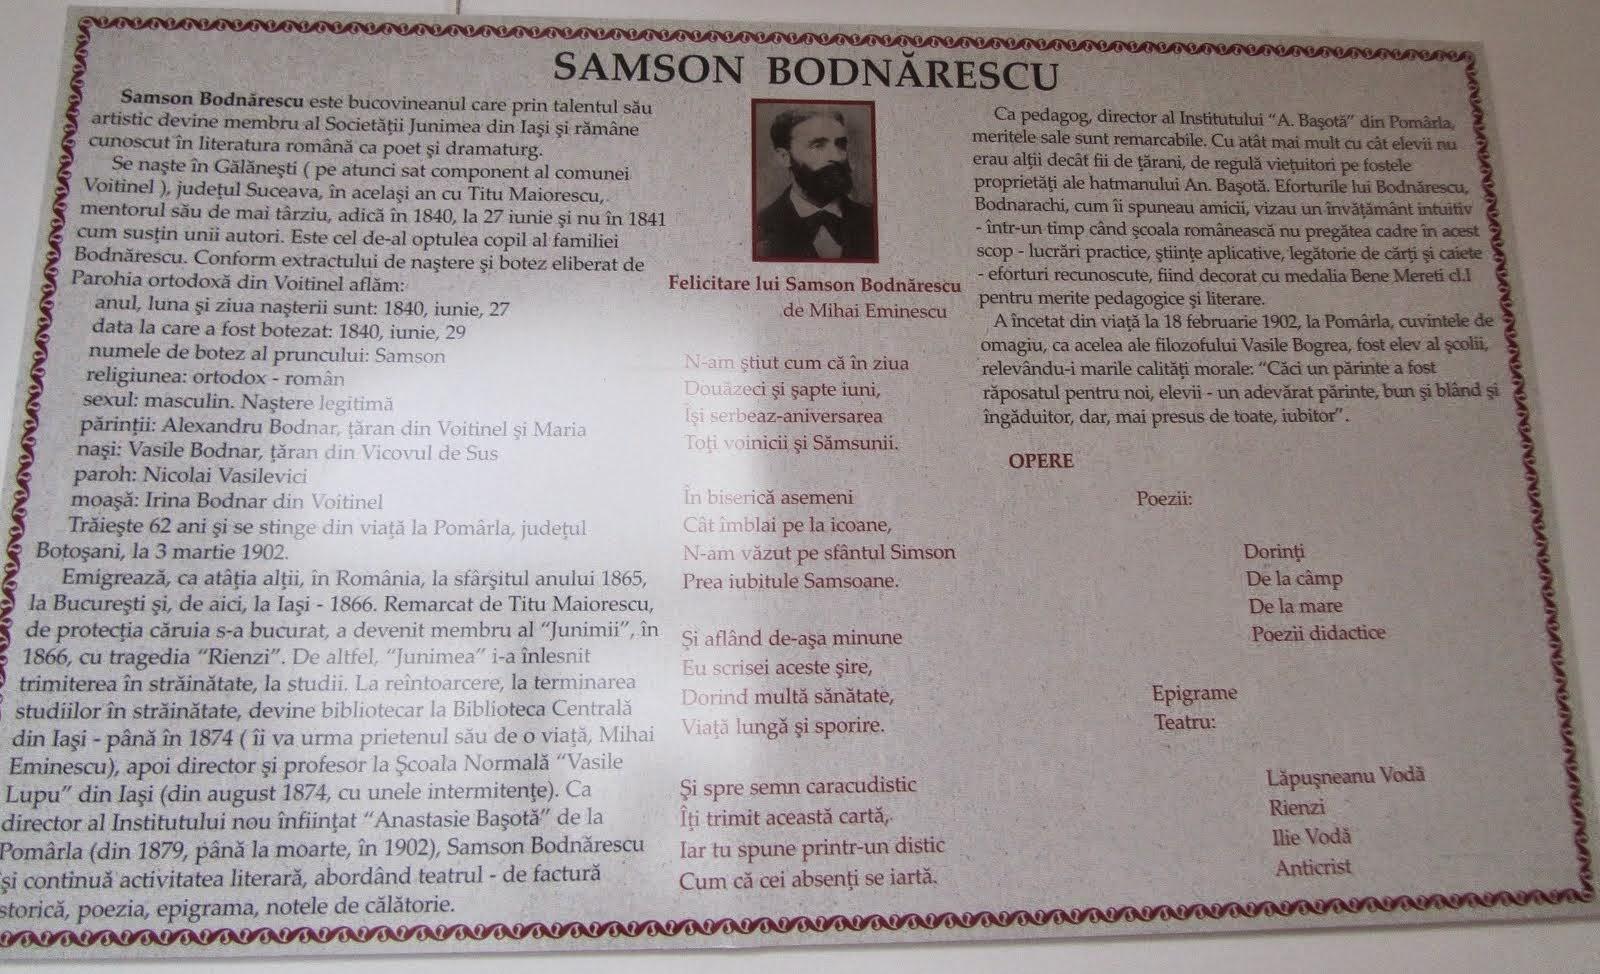 SAMSON BODNARESCU